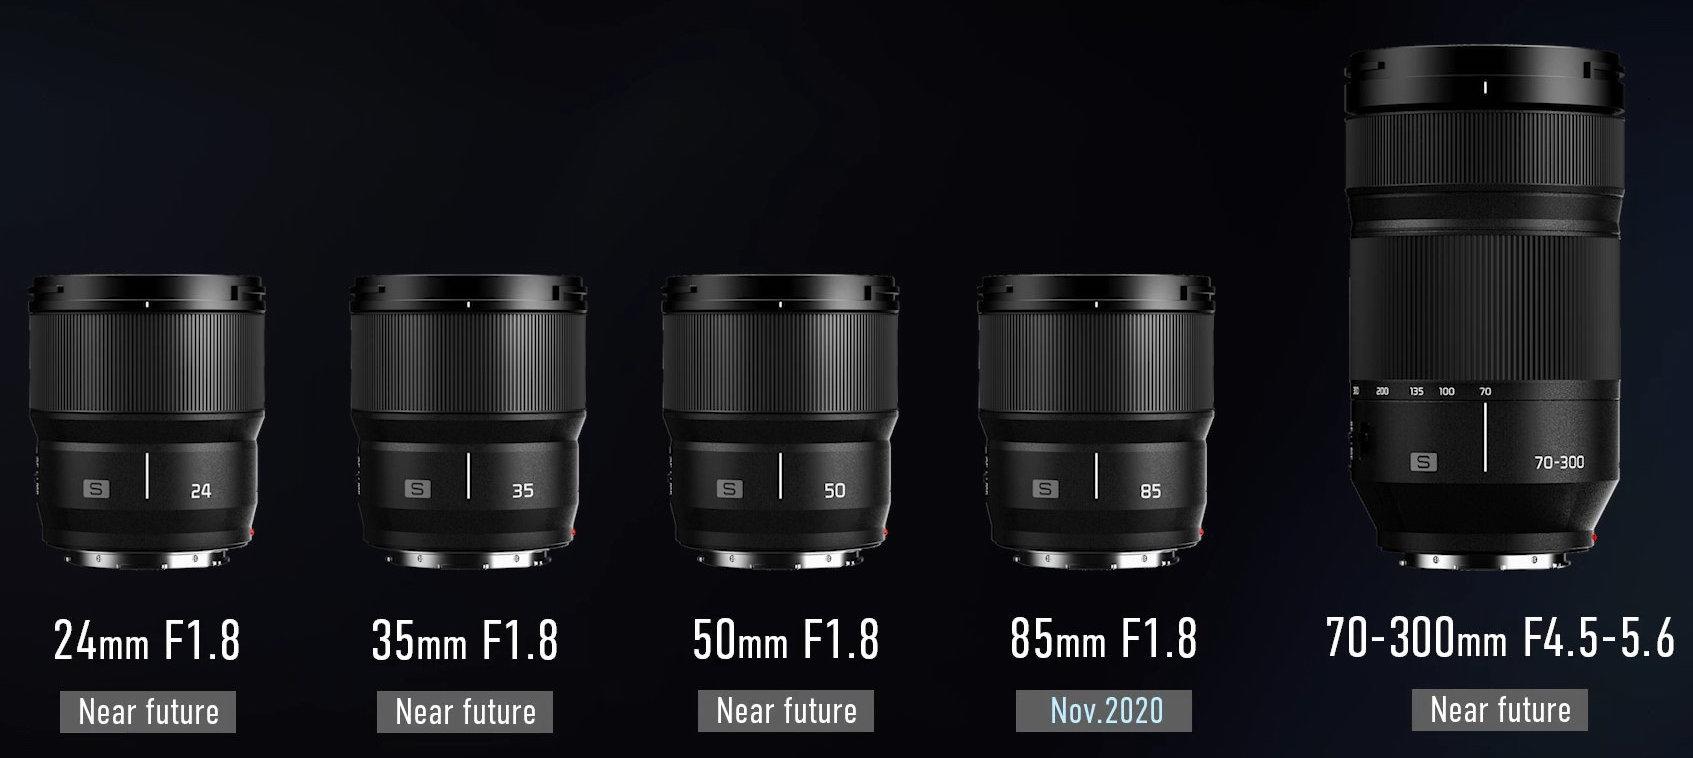 Объективы Panasonic Lumix S, которые будут выпущены самыми первыми